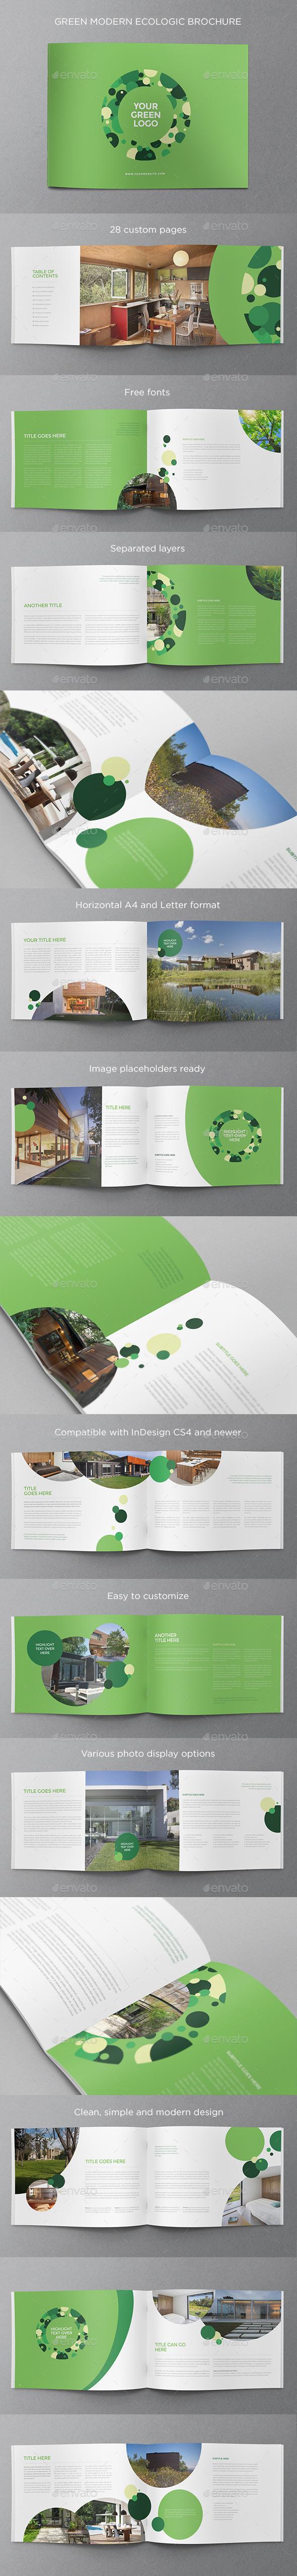 上海画册设计分享一个绿色现代生态的宣传手册设计佳作模板(24P)